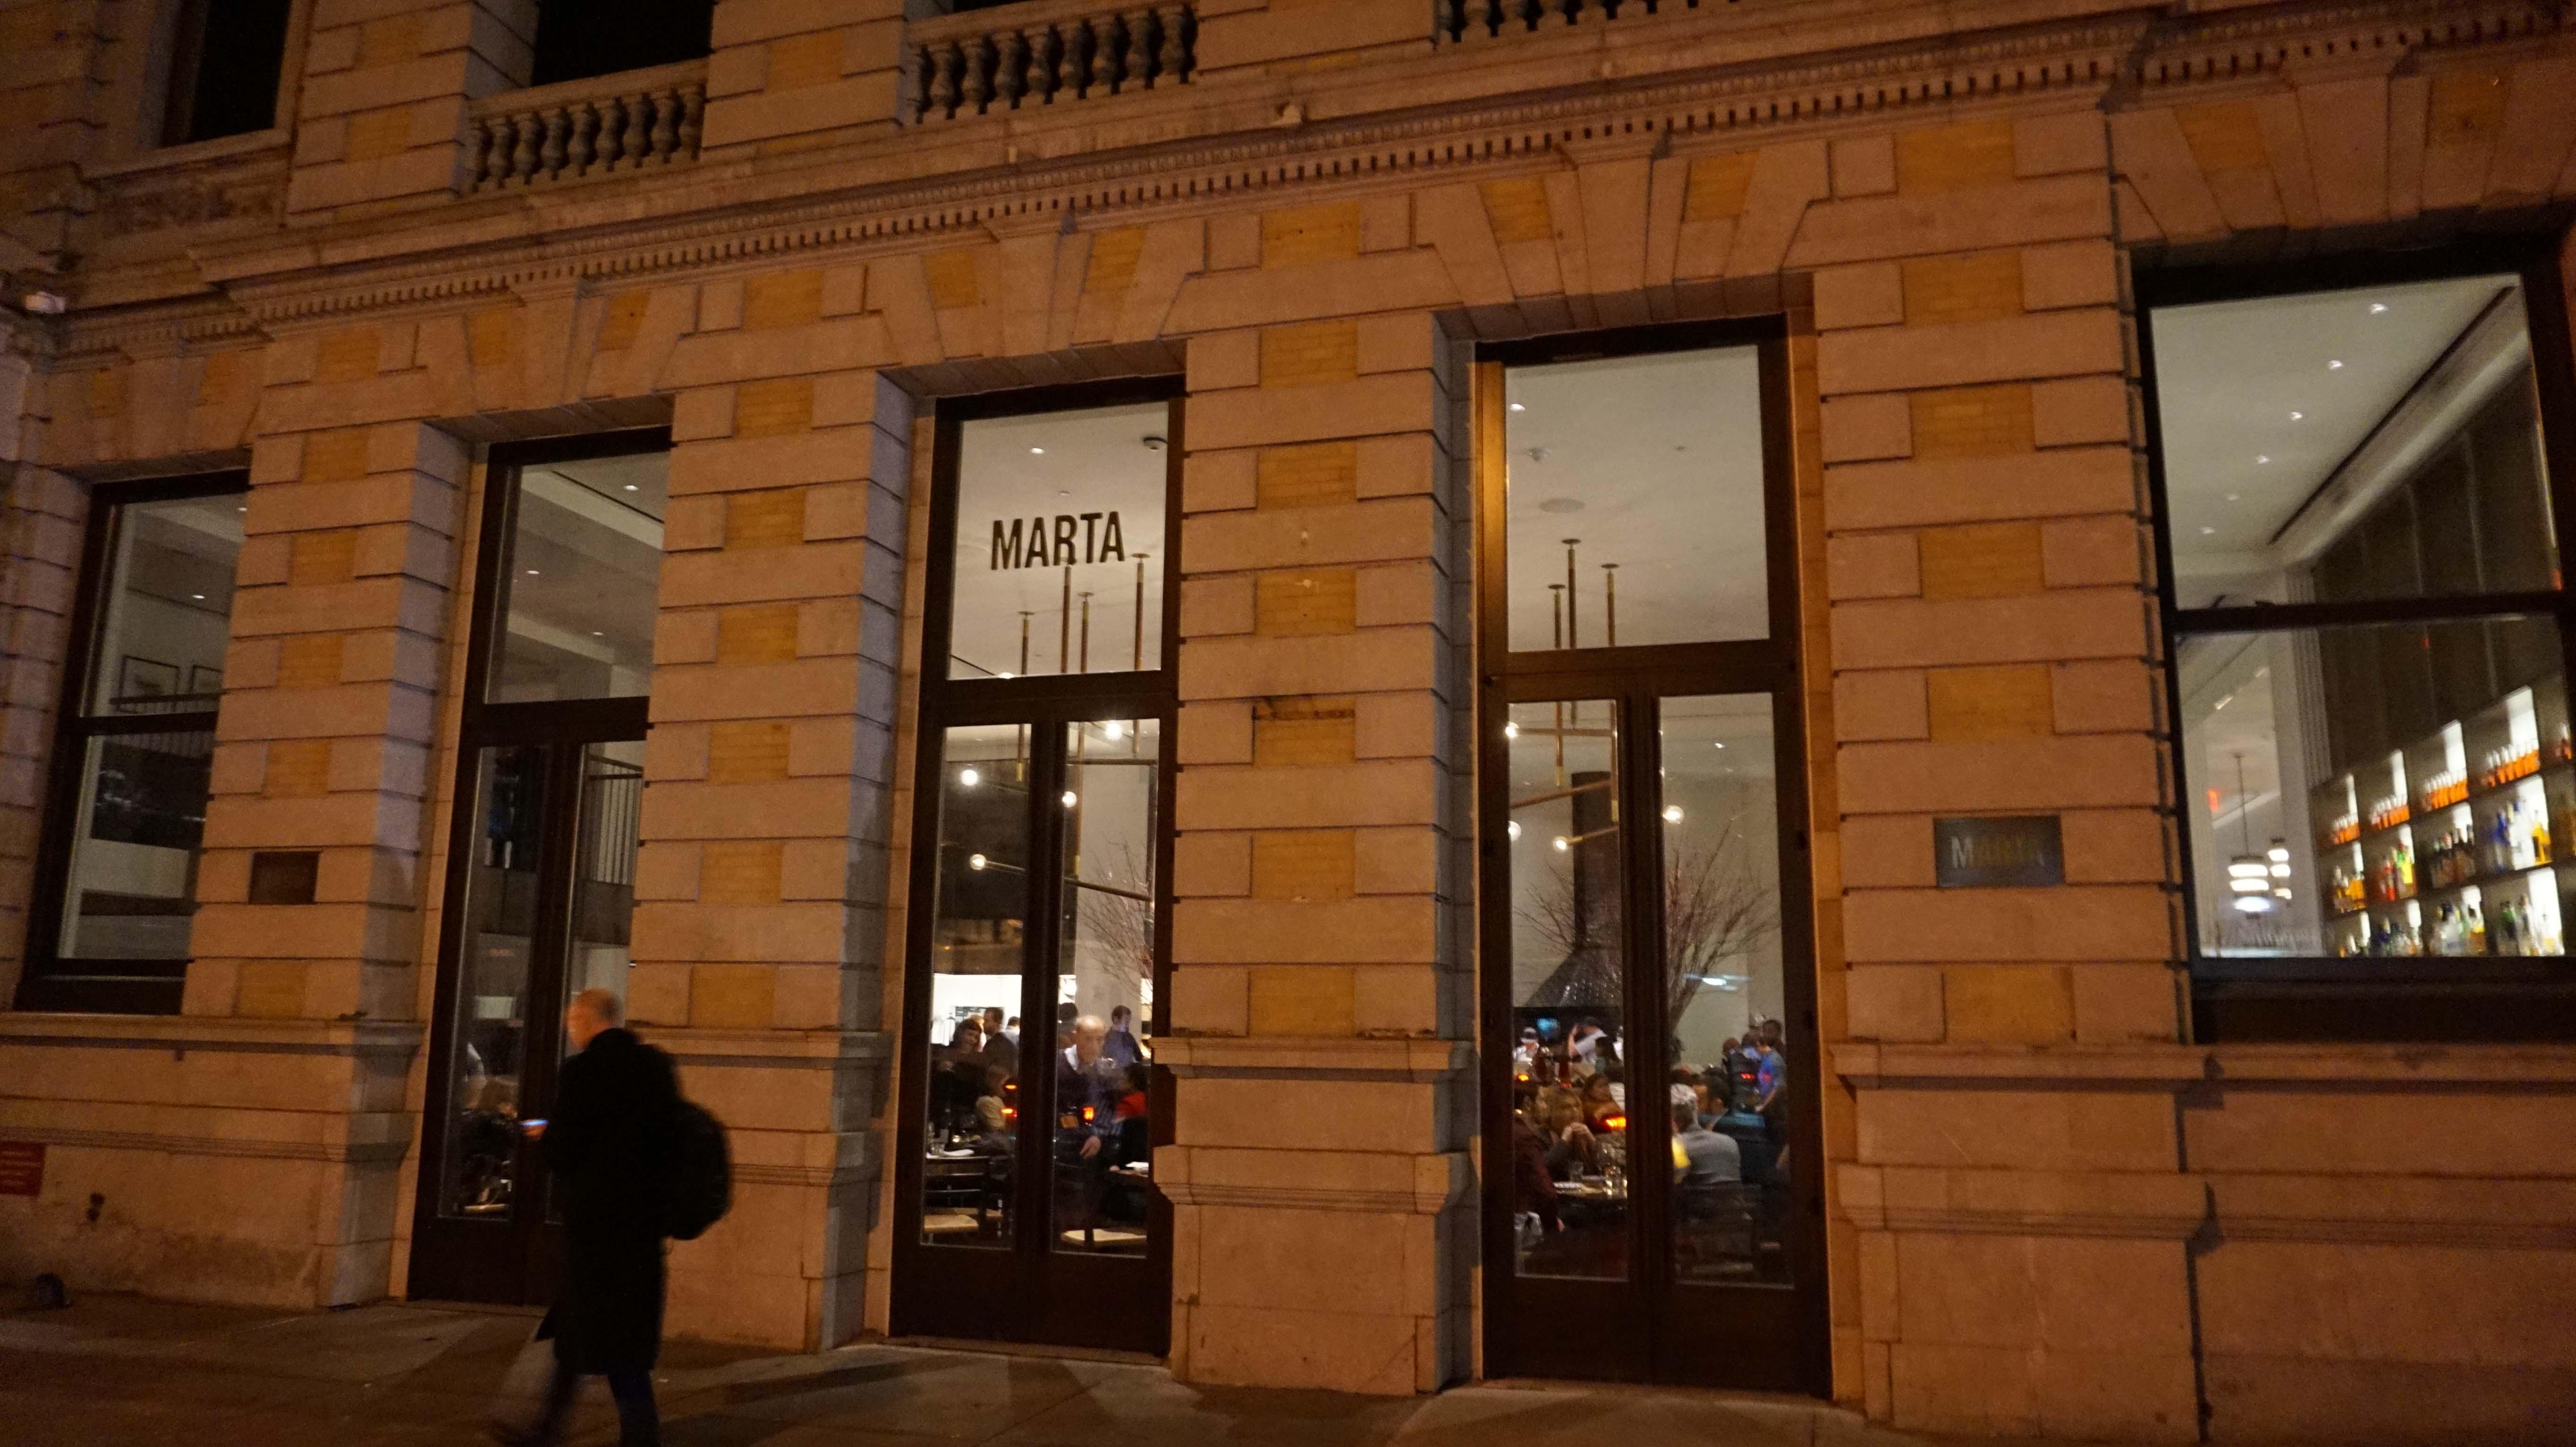 Marta exterior